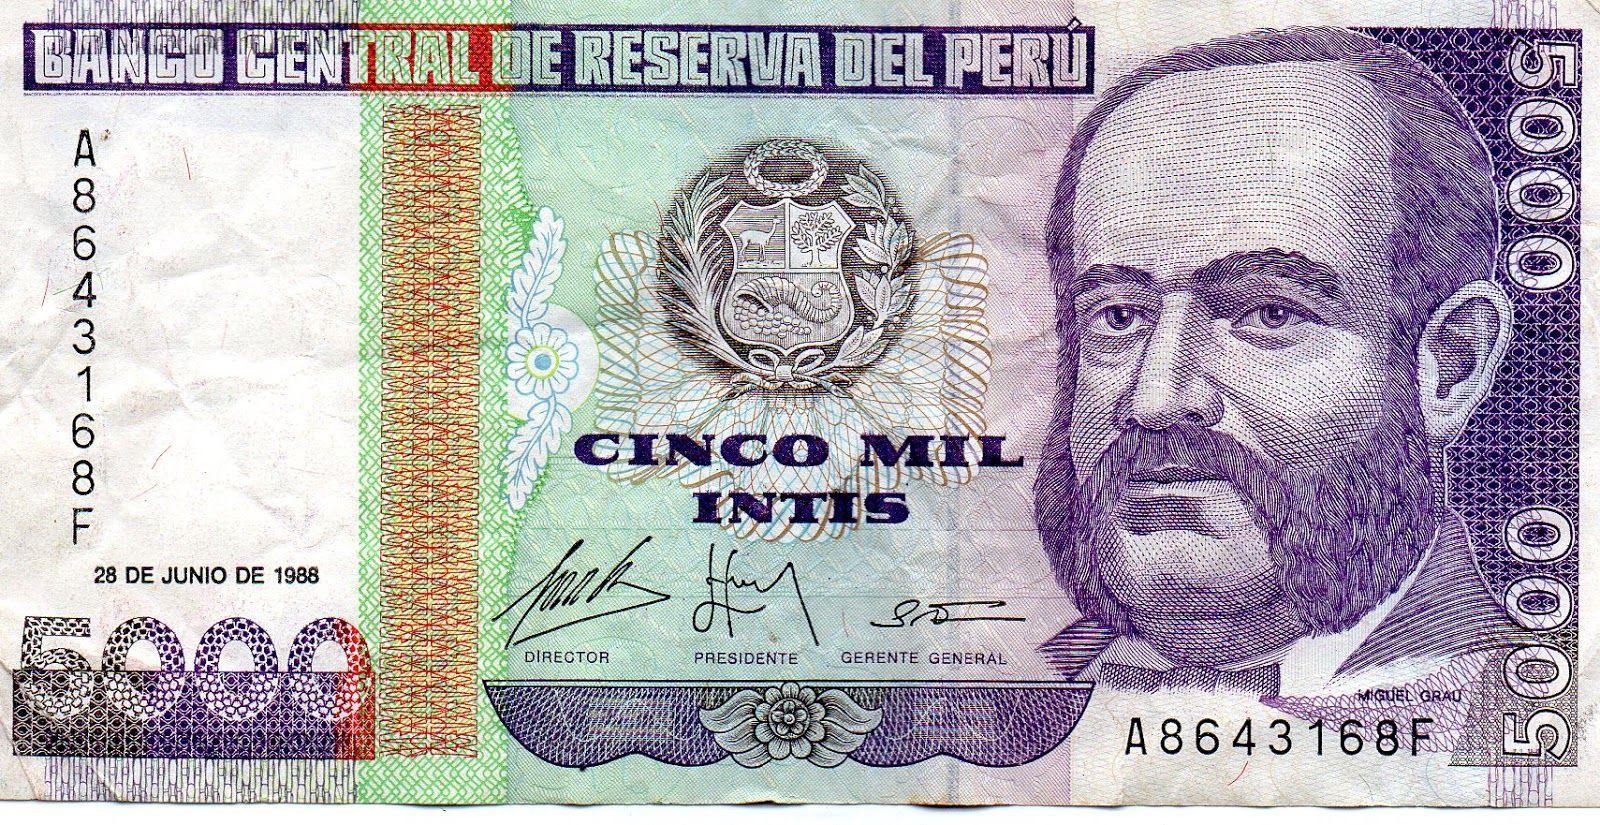 Peru money 5000 usd s 1536983 pen money pinterest peru money 5000 usd s 1536983 pen thecheapjerseys Images